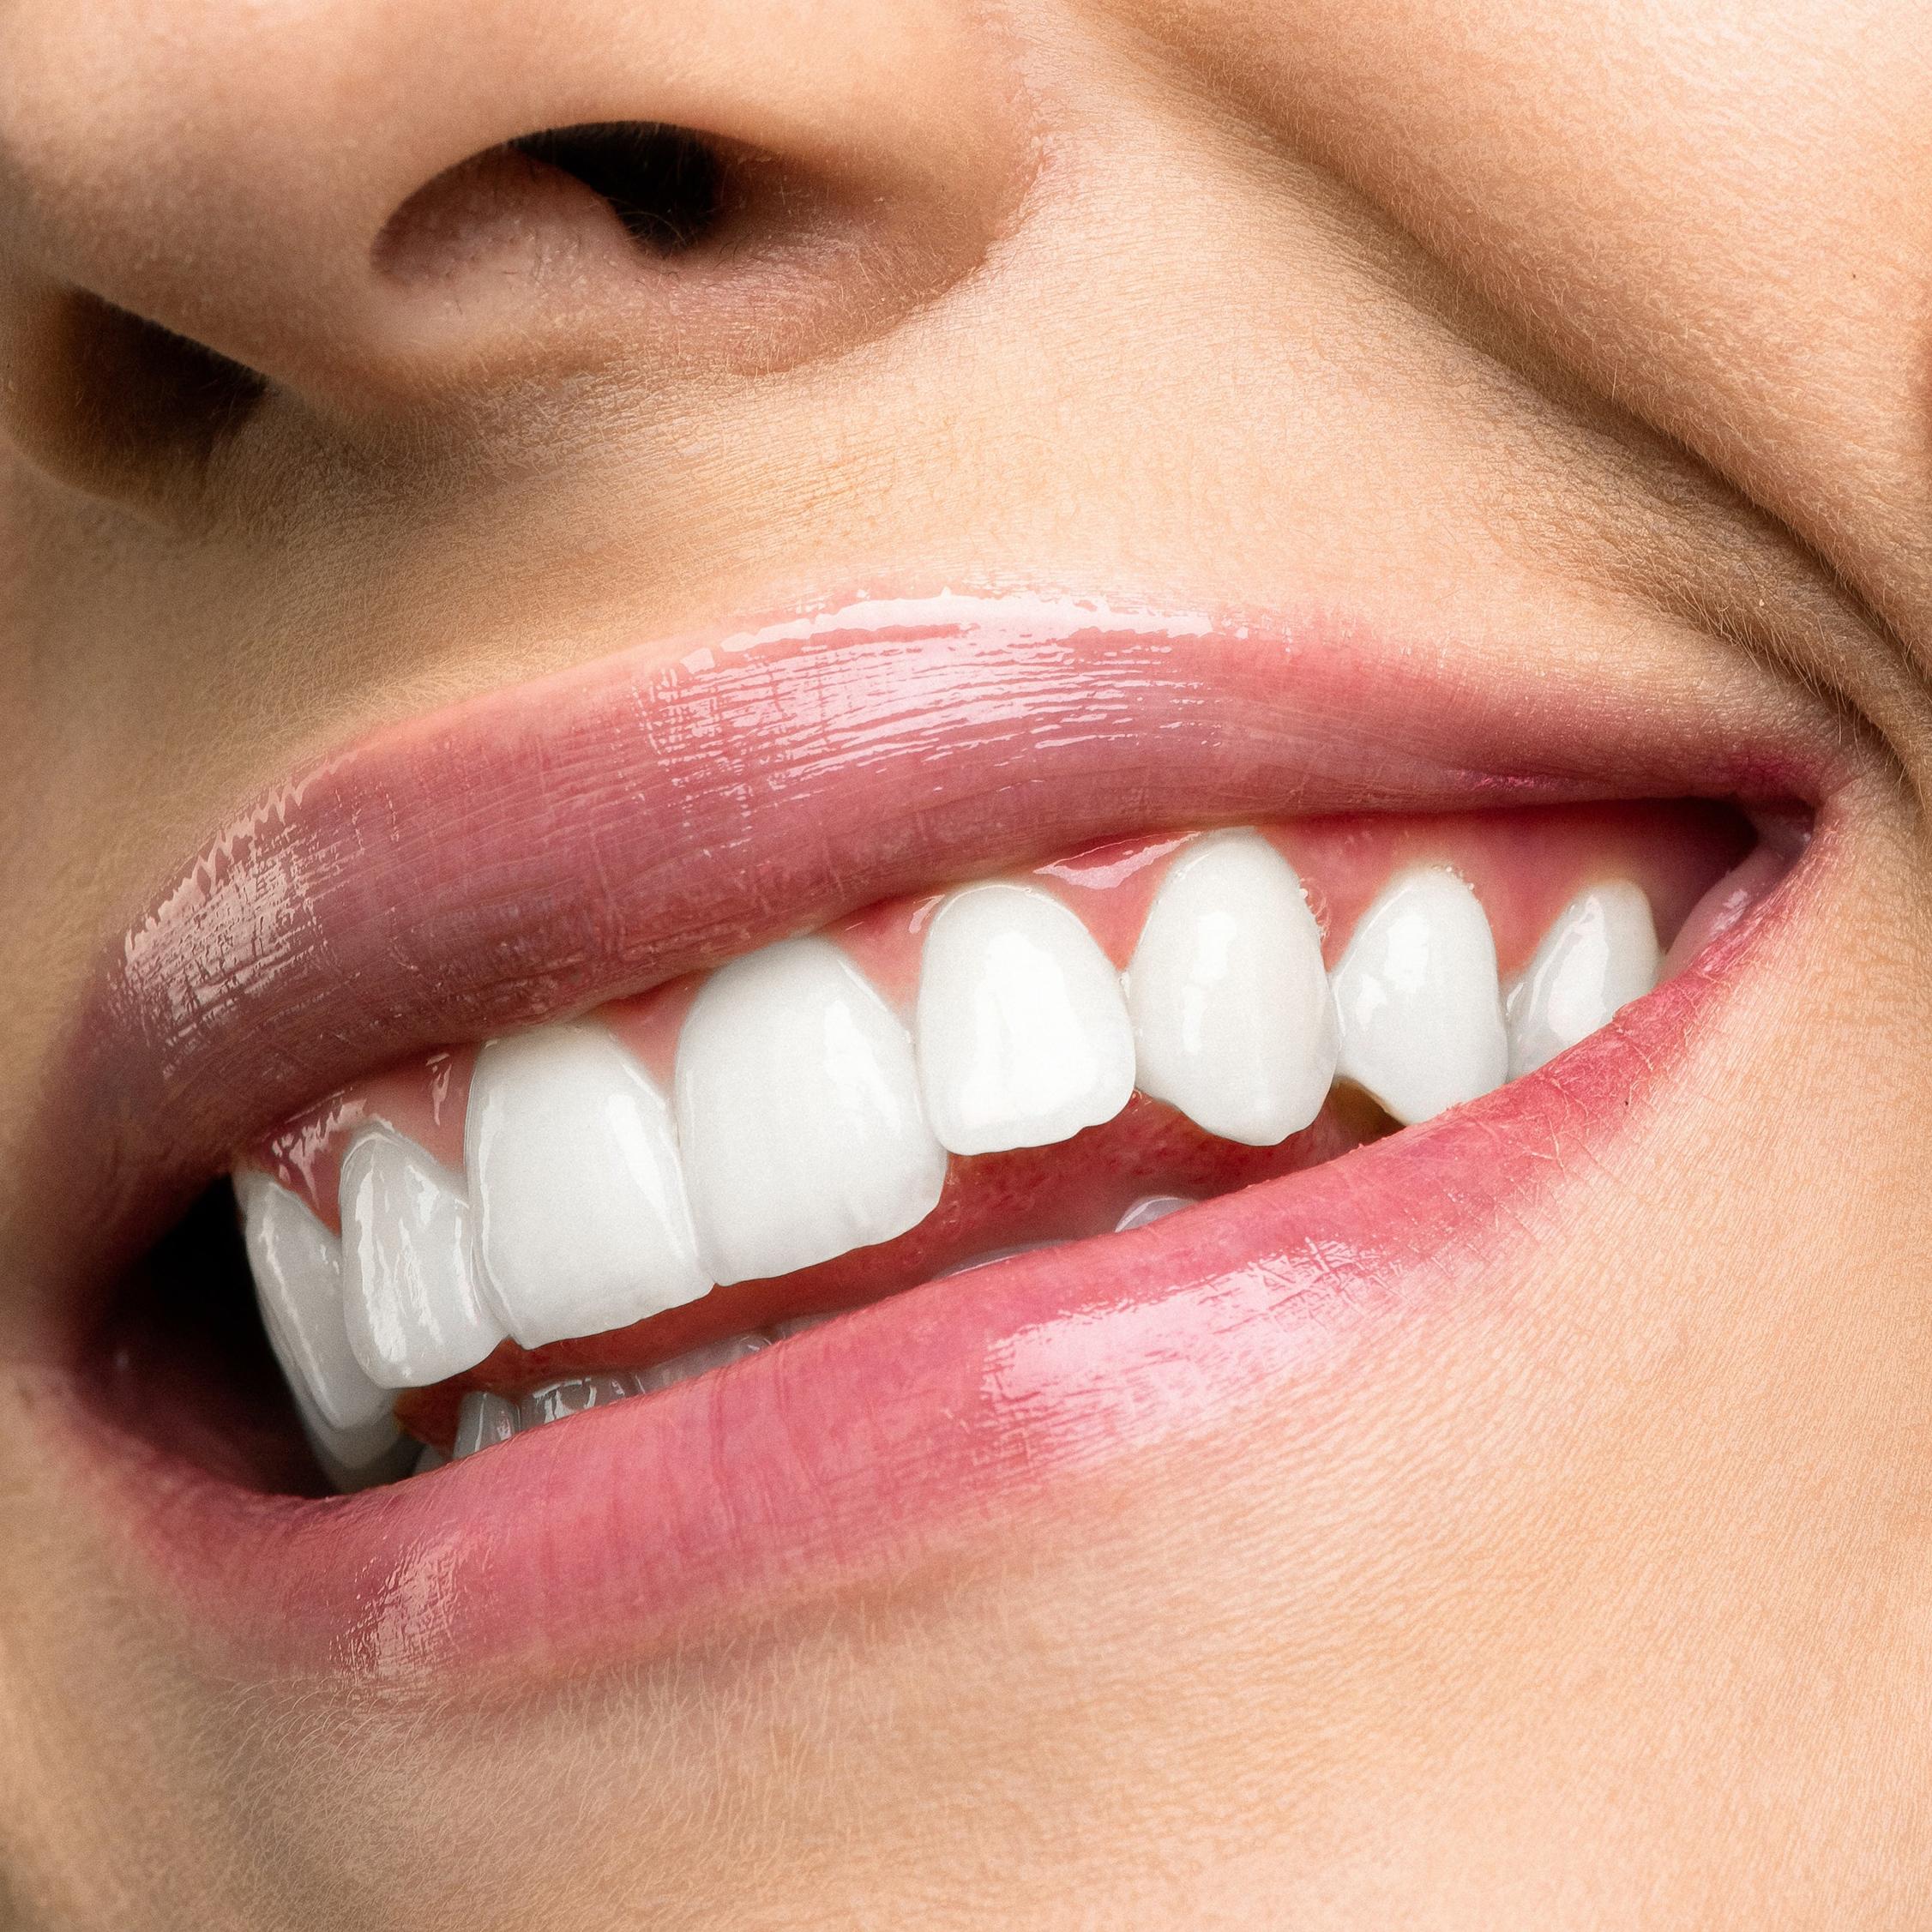 sourire-levre-bouche